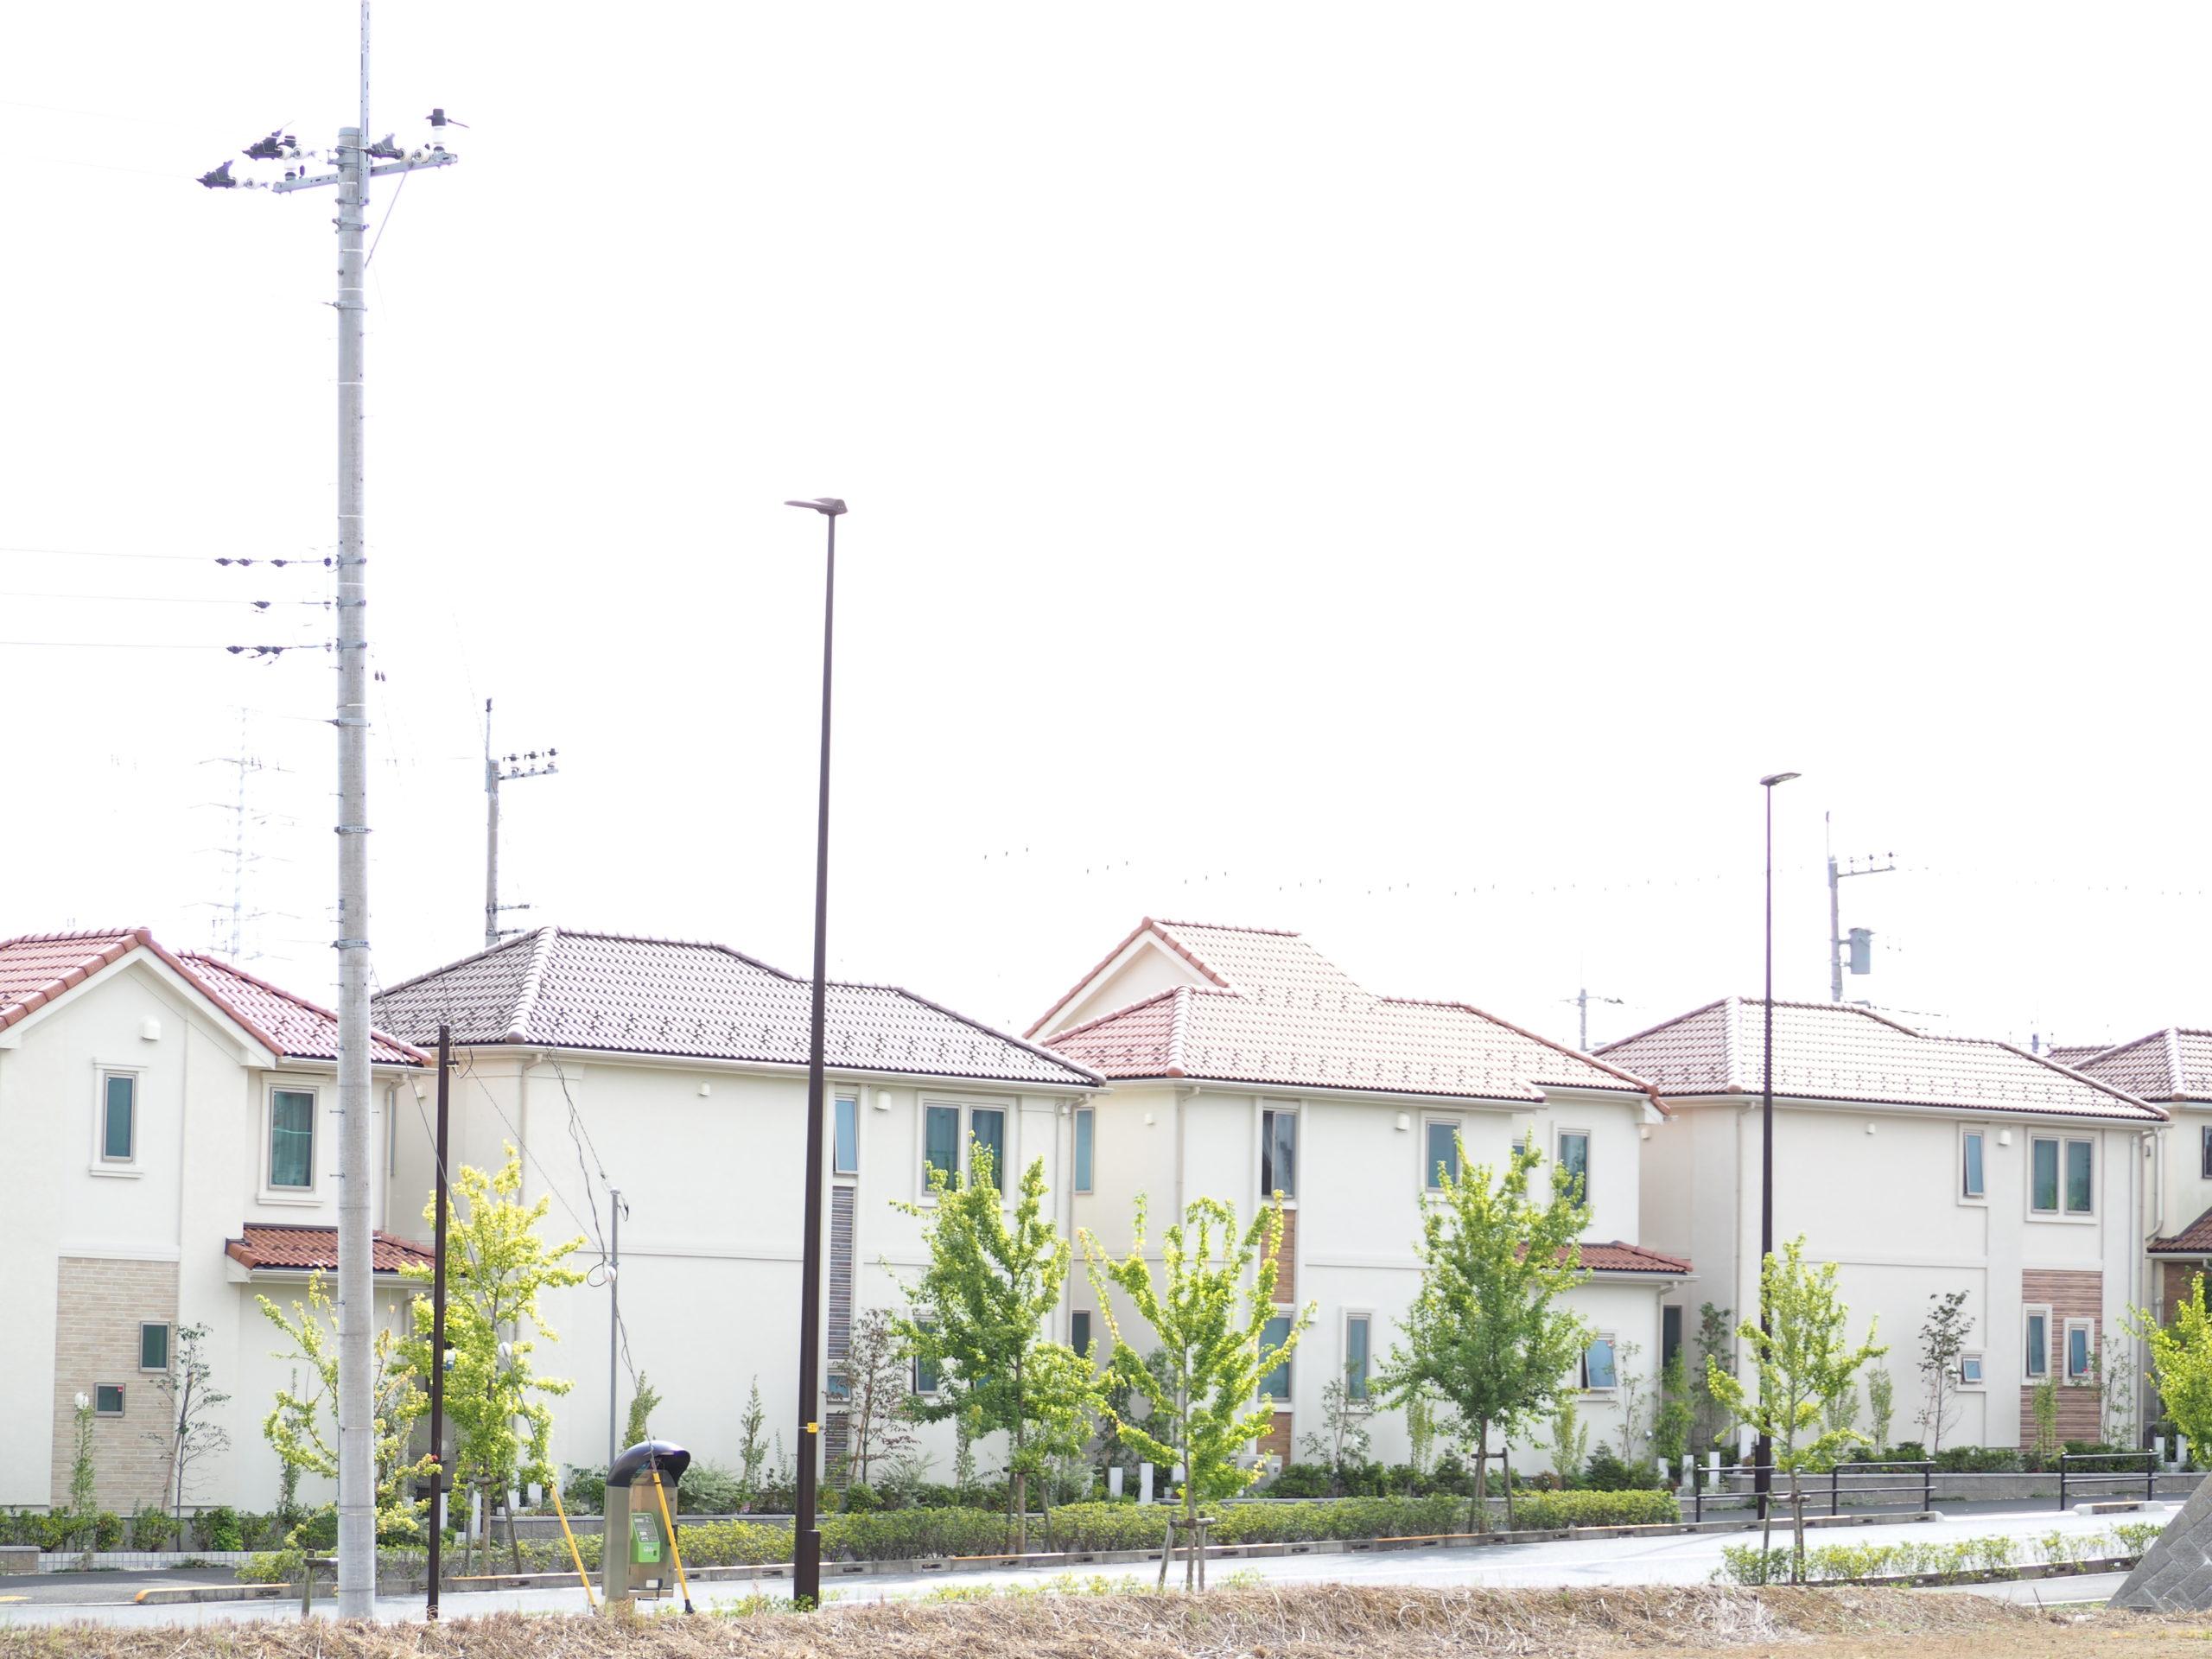 9月の住宅着工1割減、15カ月連続減少<br>─国交省、上半期は41.4万戸の低水準に